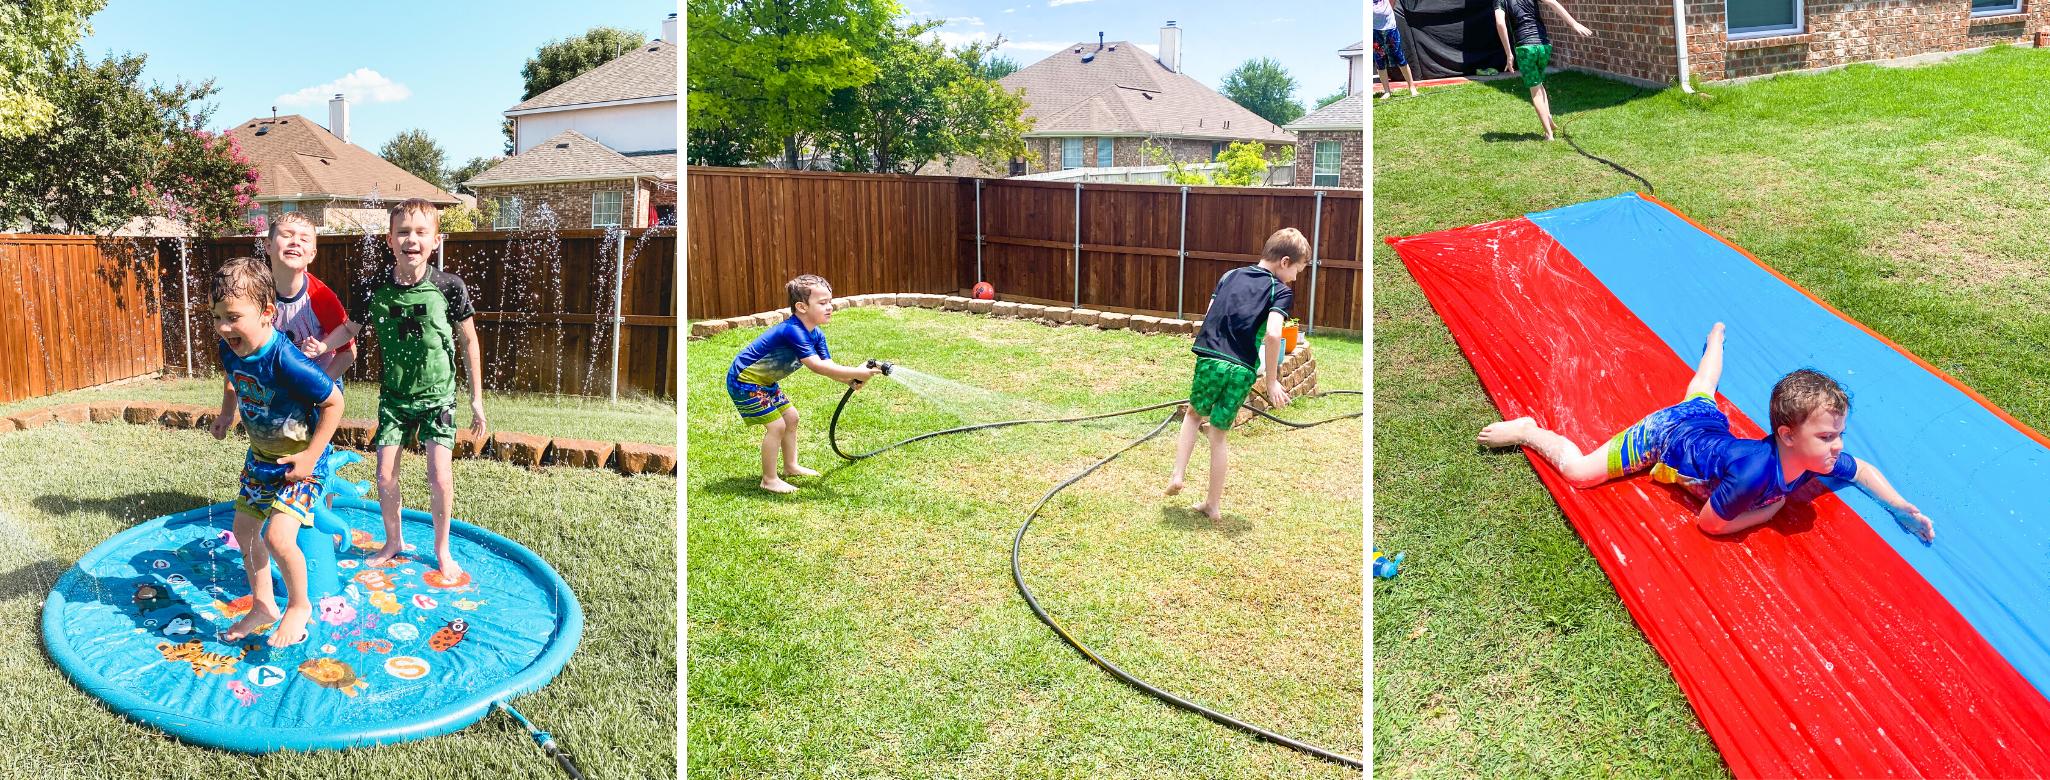 examples of backyard water activities